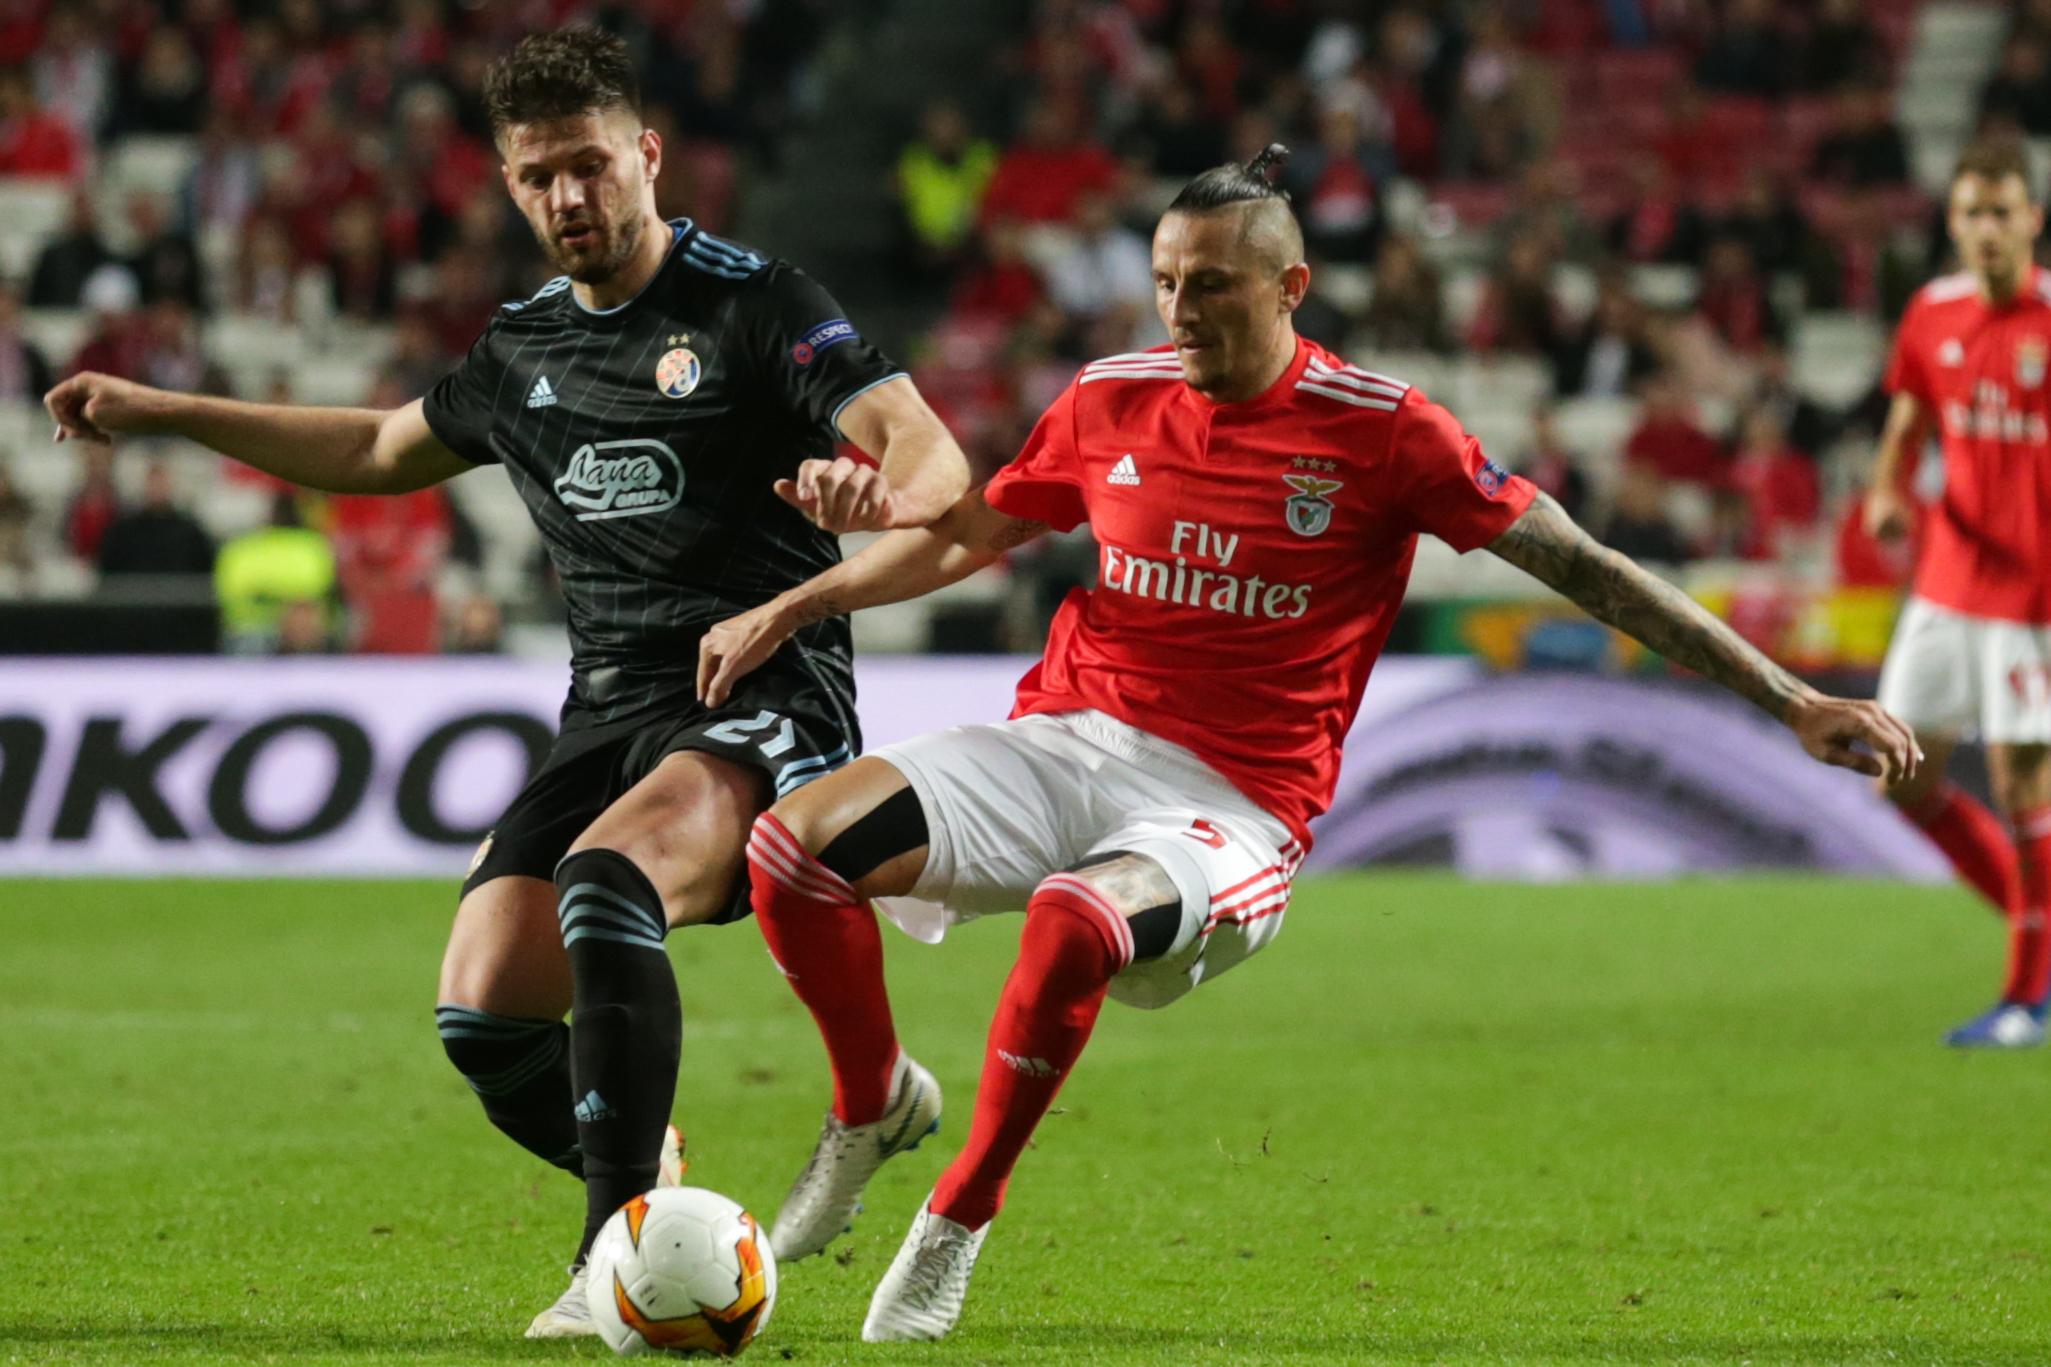 Sérvia: Fejsa e Zivkovic fora dos convocados para o jogo com Portugal